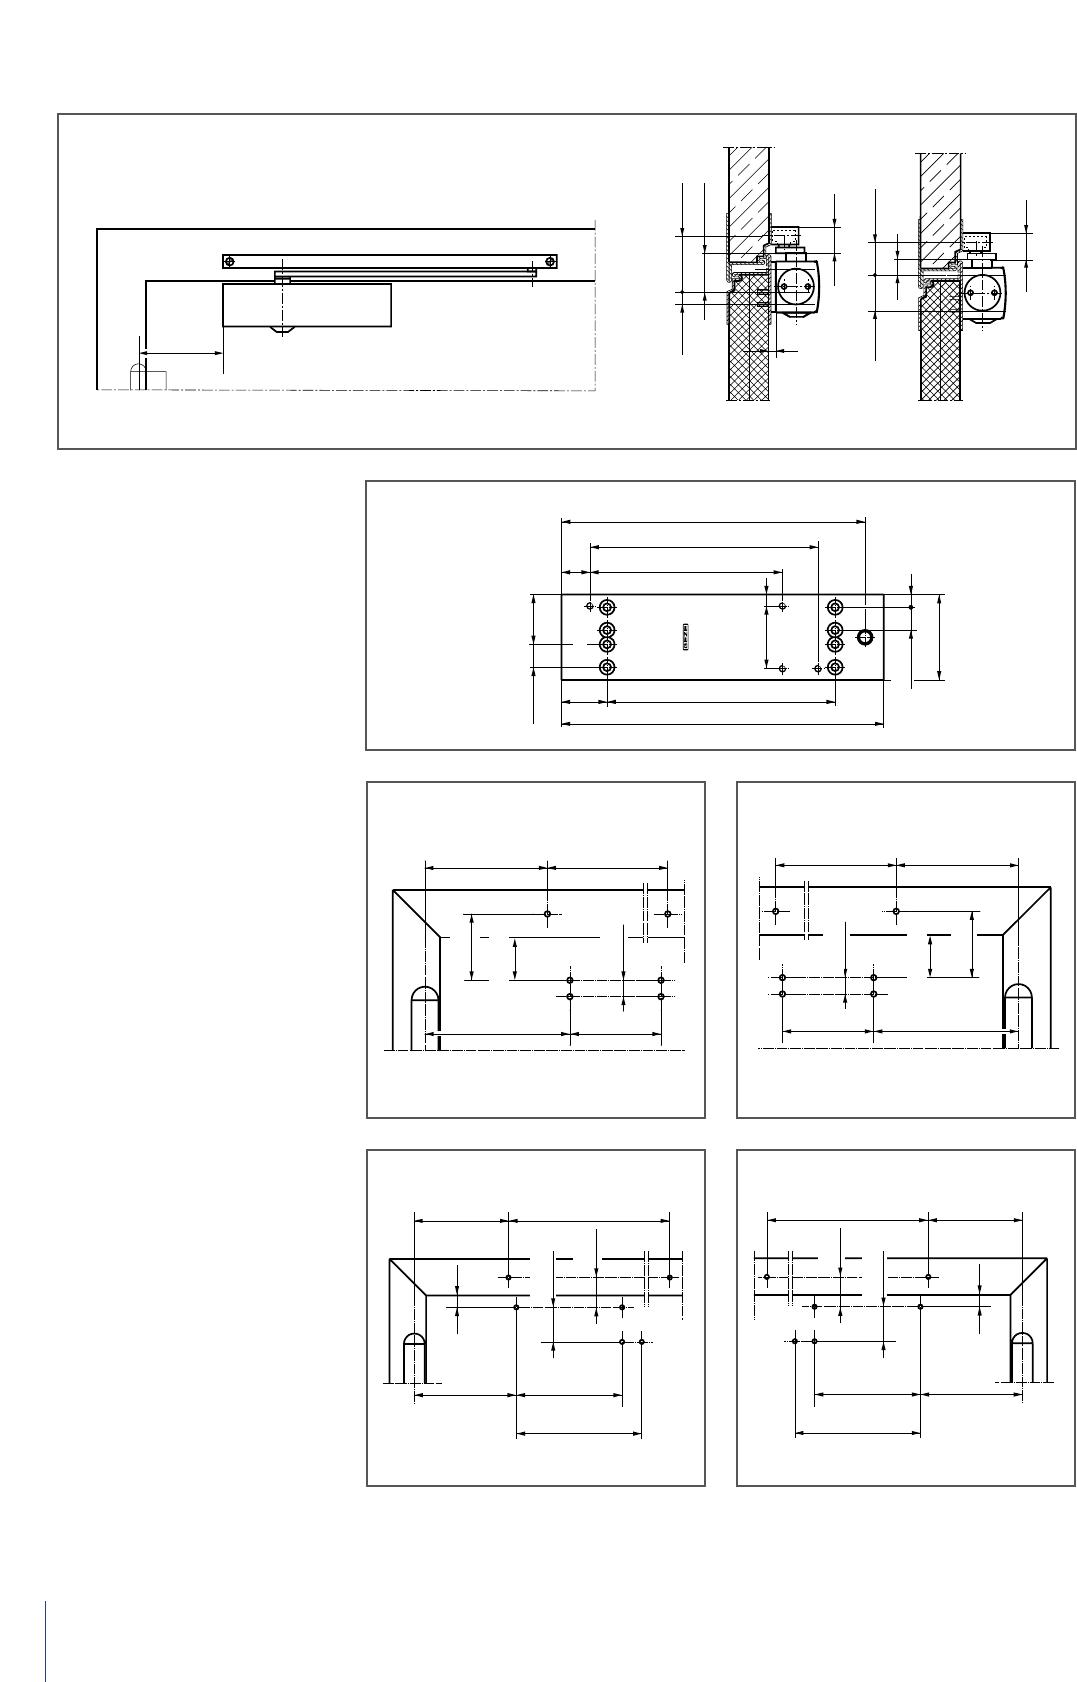 handleiding geze ts 3000 v pagina 3 van 8 nederlands. Black Bedroom Furniture Sets. Home Design Ideas